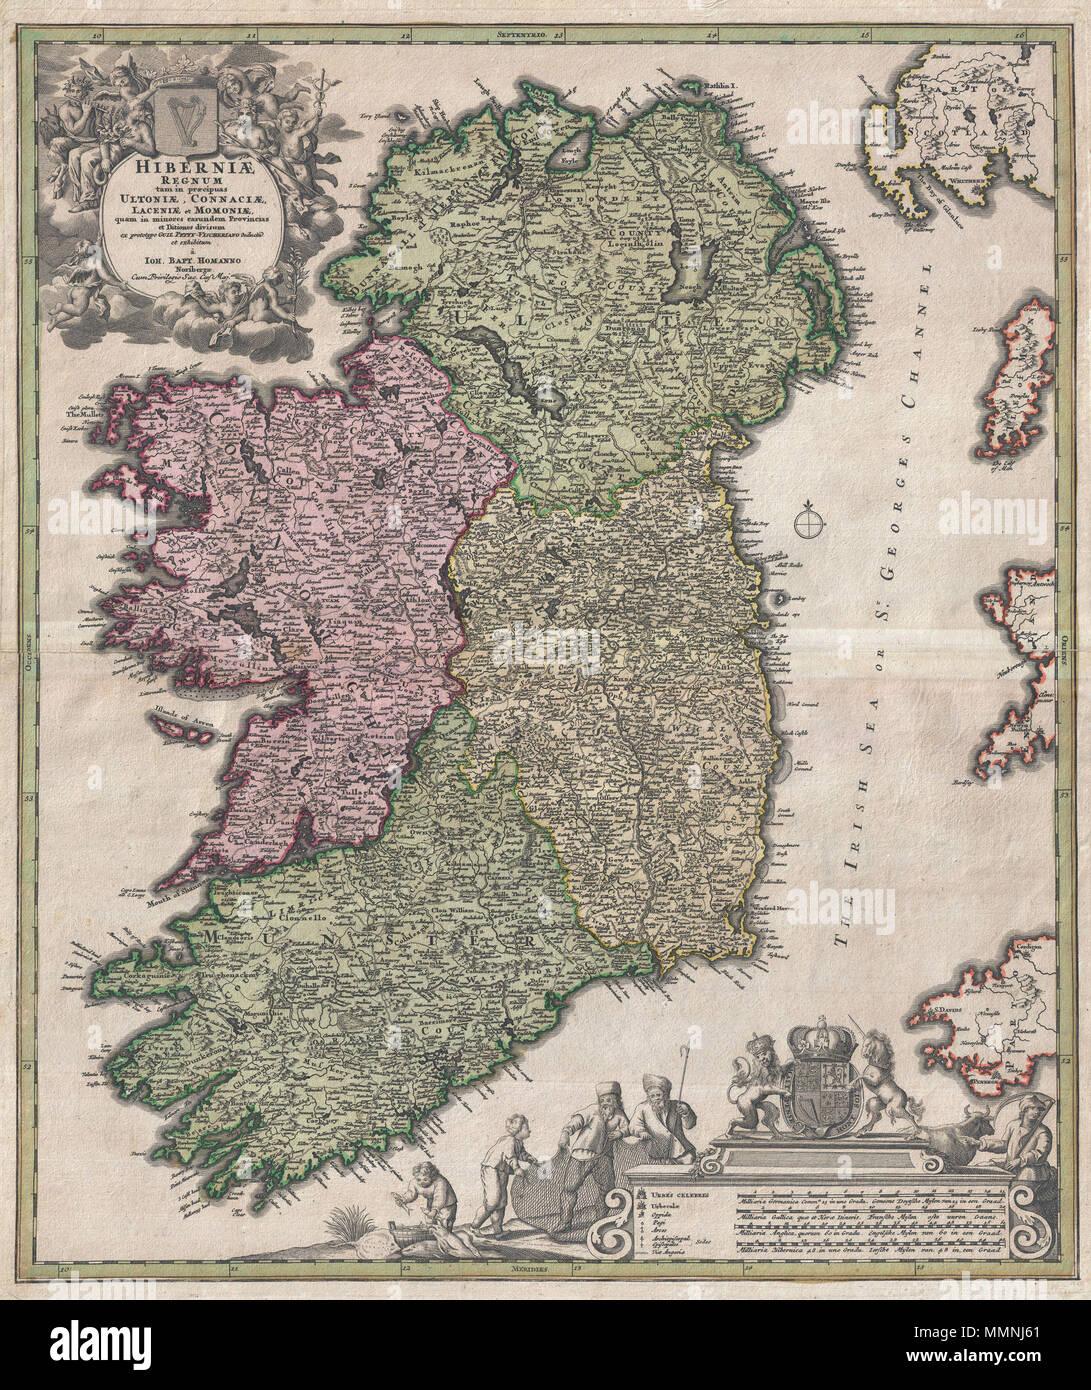 Englisch Eine Ikonische C 1716 Karte Von Irland Von Johann Baptist